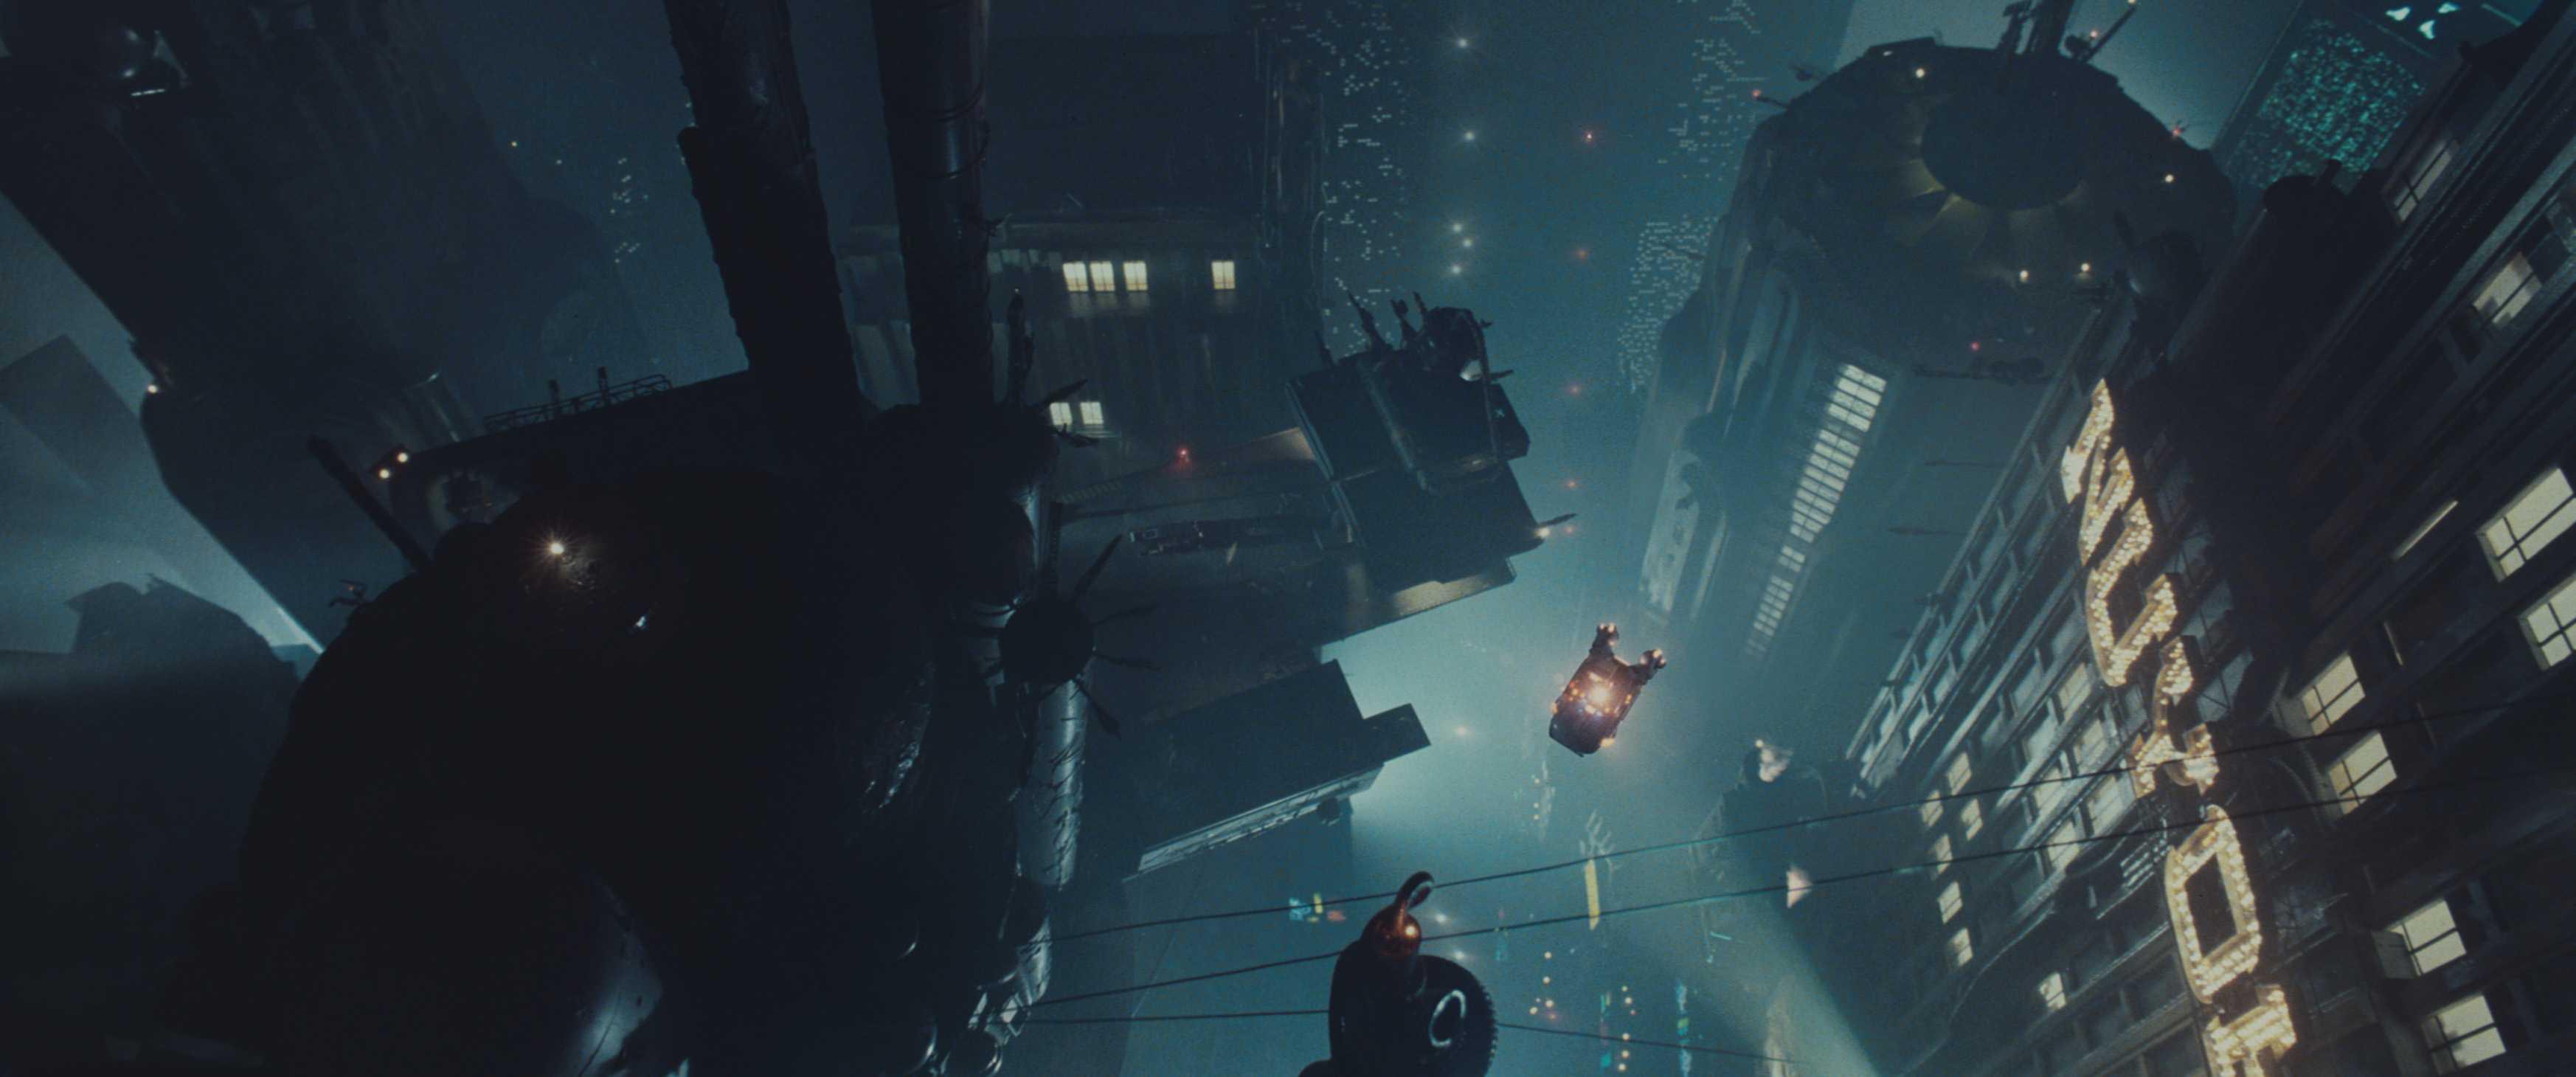 Blade Runner - Ridley Scott